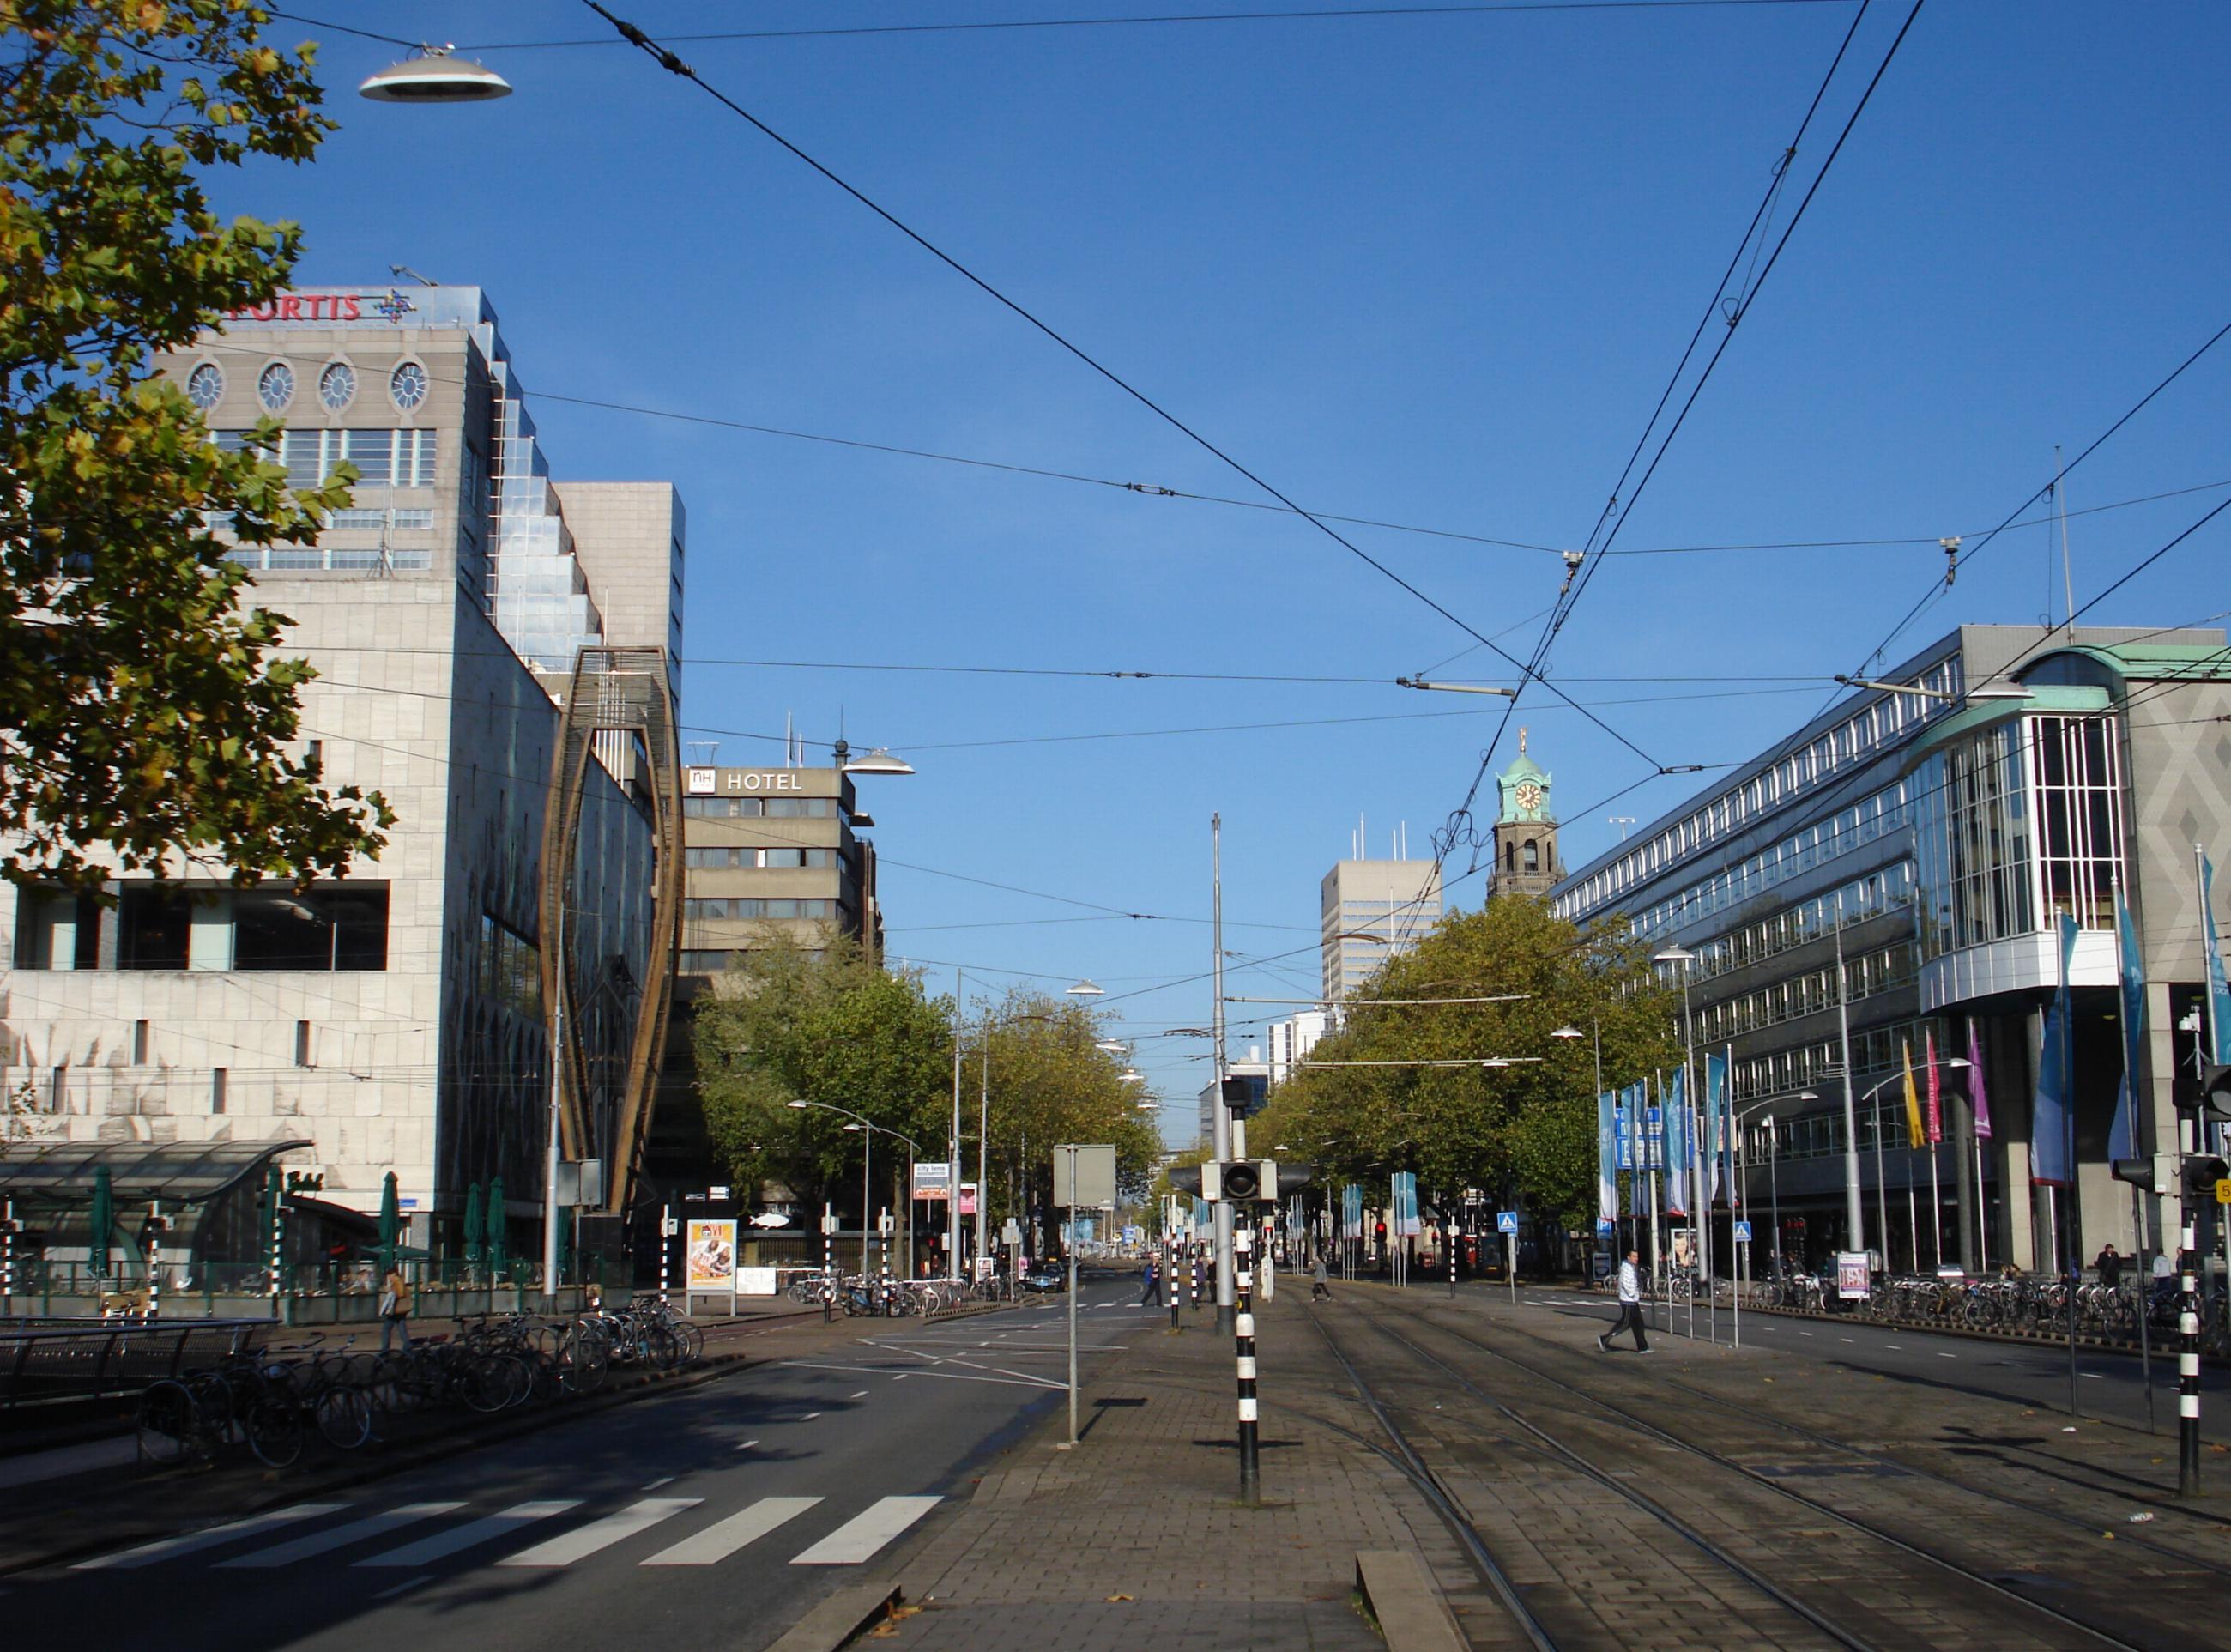 New in, rotterdam : Ferris wheel, Sstrene Grene, and Pimp your